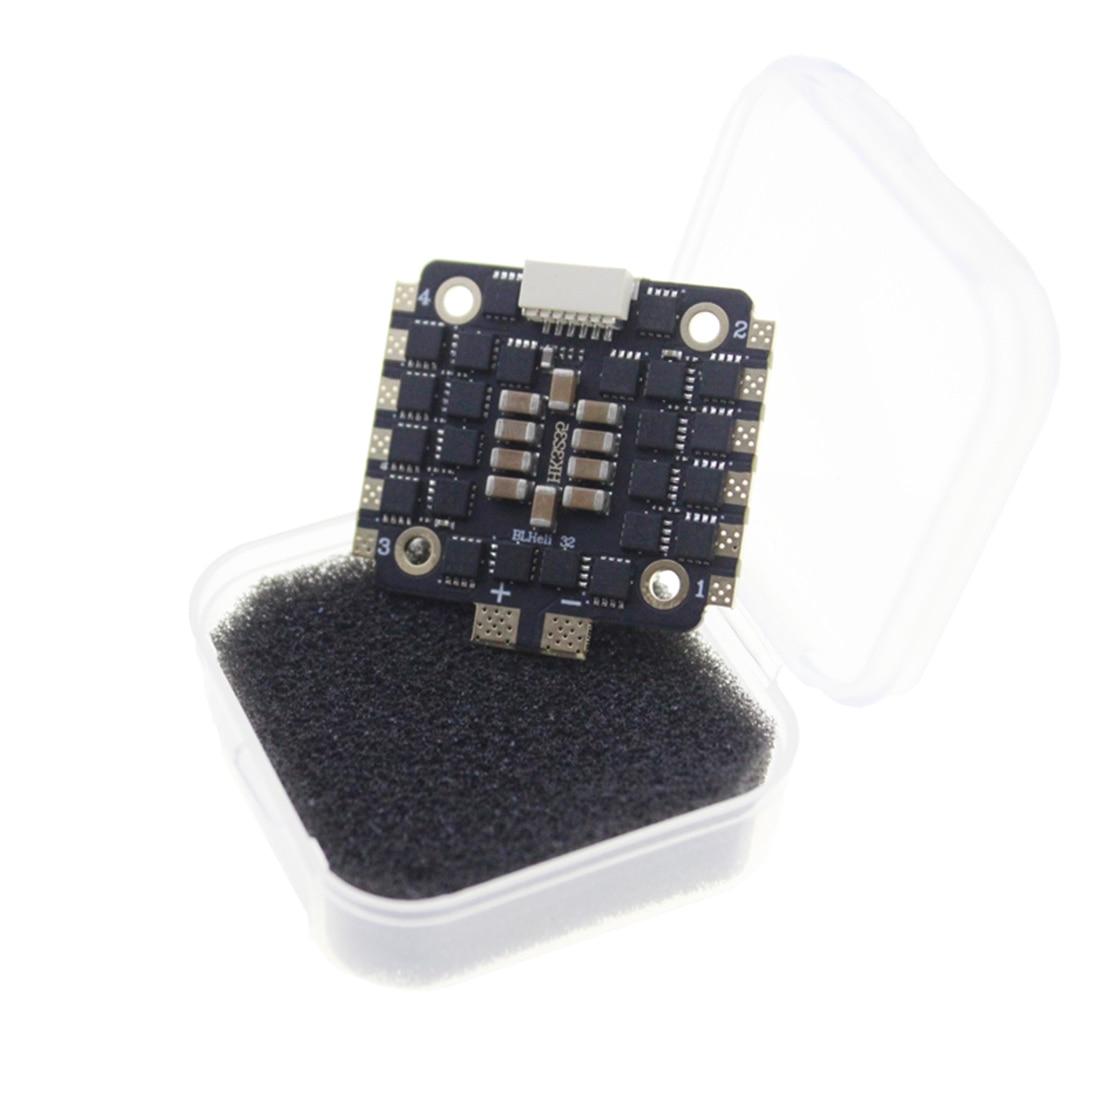 HAKRC Mini 35A BLHeli 32 Bit 2-6S DSHOT1200 4 в 1 бесщеточный ESC для радиоуправляемого дрона FPV гоночный Квадрокоптер 3D запасные части DIY аксессуар